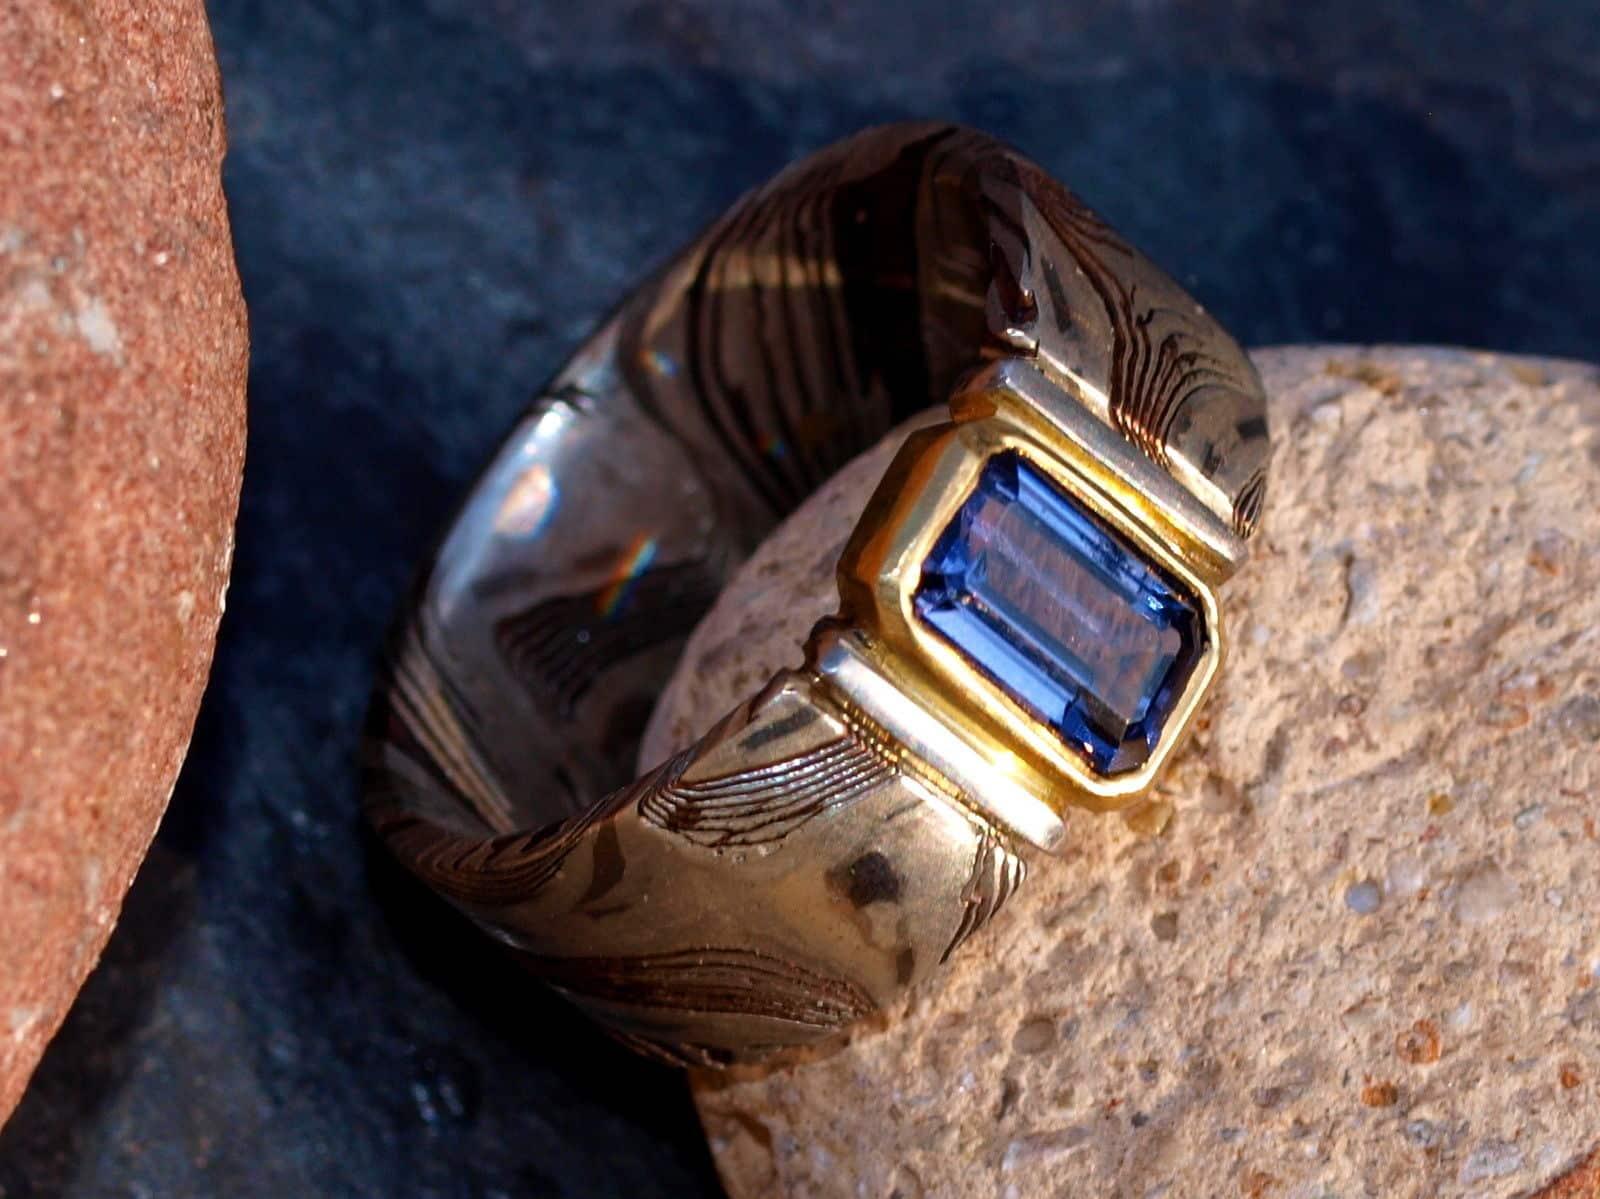 Unikat Ring Silber 925 Shakudo Shibuichi Mokume gane geätzt Gold 750 Spinell